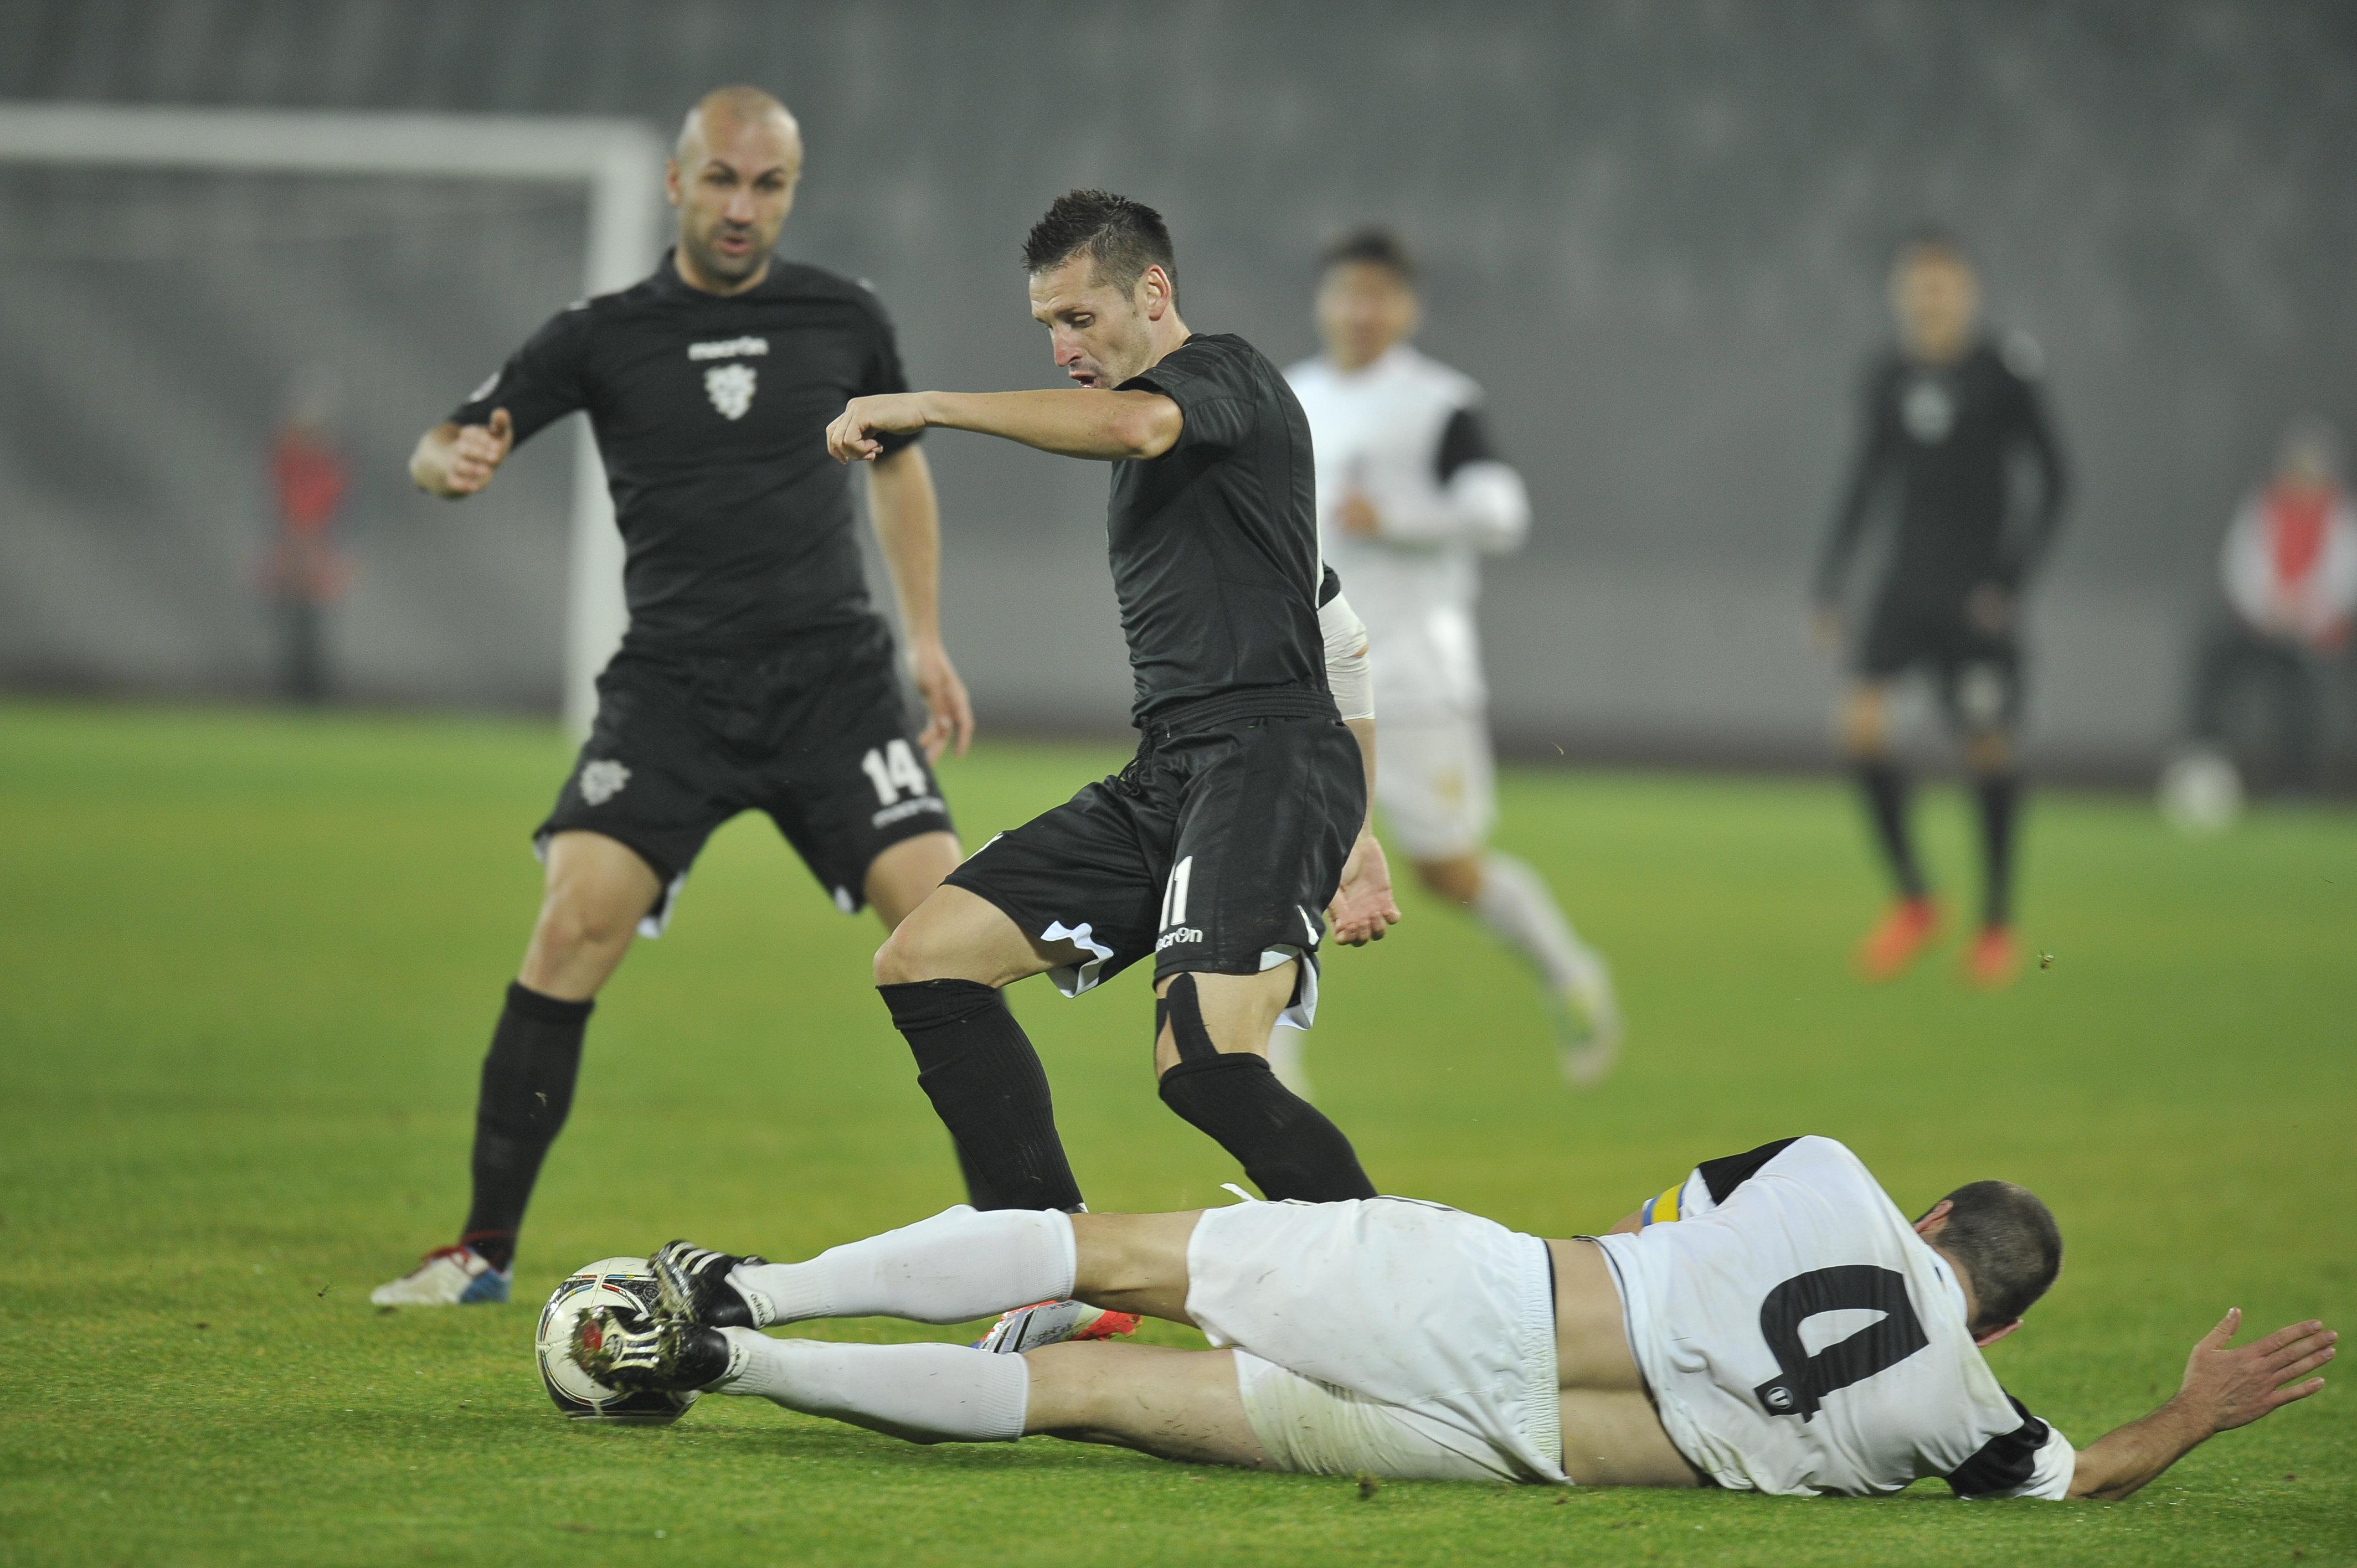 U Cluj a dat lovitura la Timisoara. Clujenii au castigat cu 2-1 contra echipei de fotbal ACS Poli